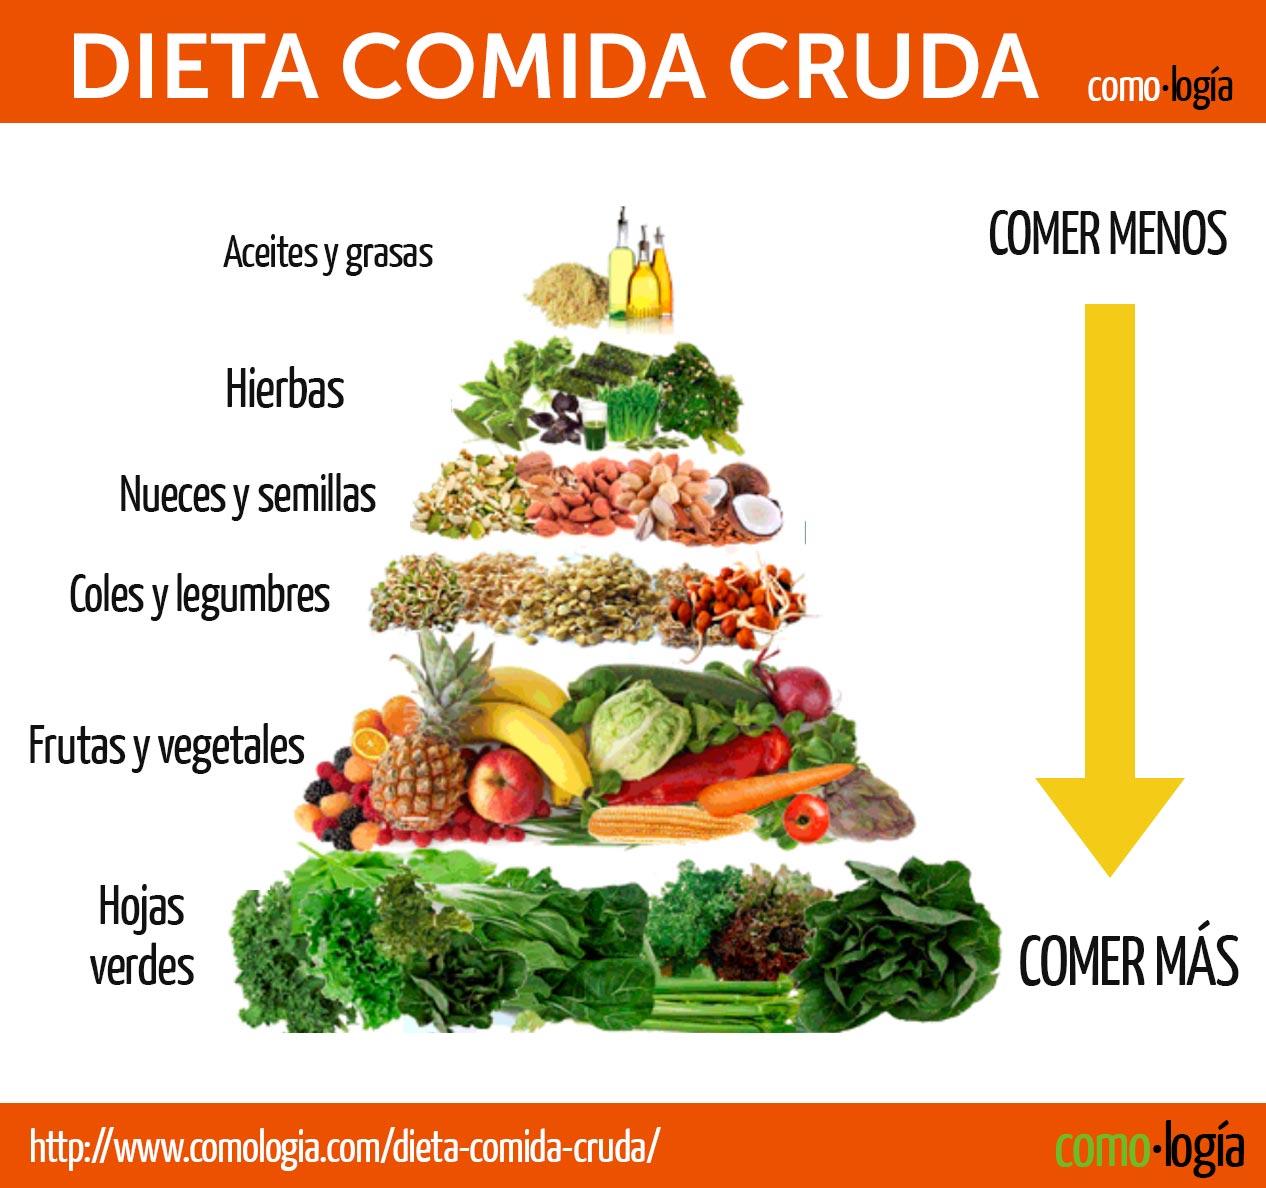 Dieta de comida cruda adelgaza r pido comiendo alimentos - Que hago de comer rapido y sencillo ...